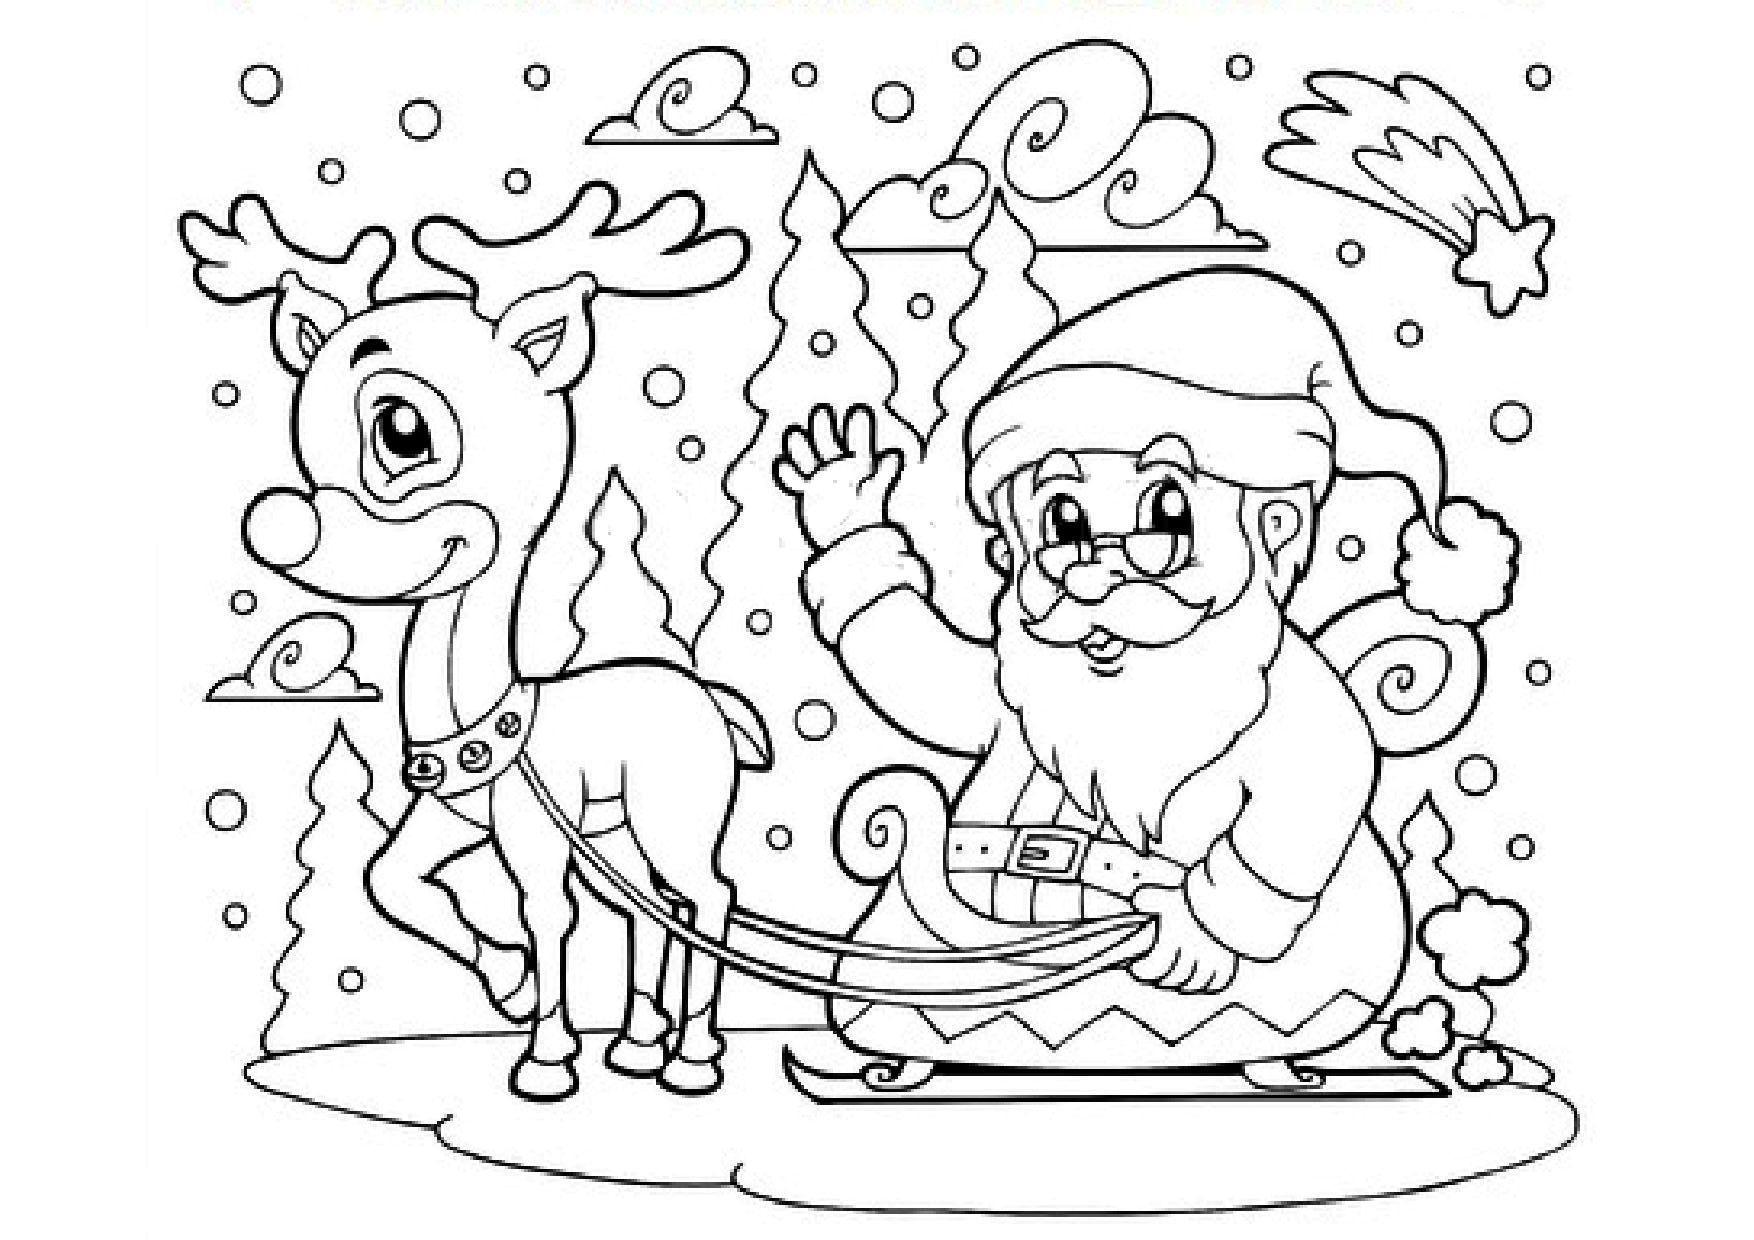 Coloriage - Renne, Traineau Et Père Noël à Coloriage Noe